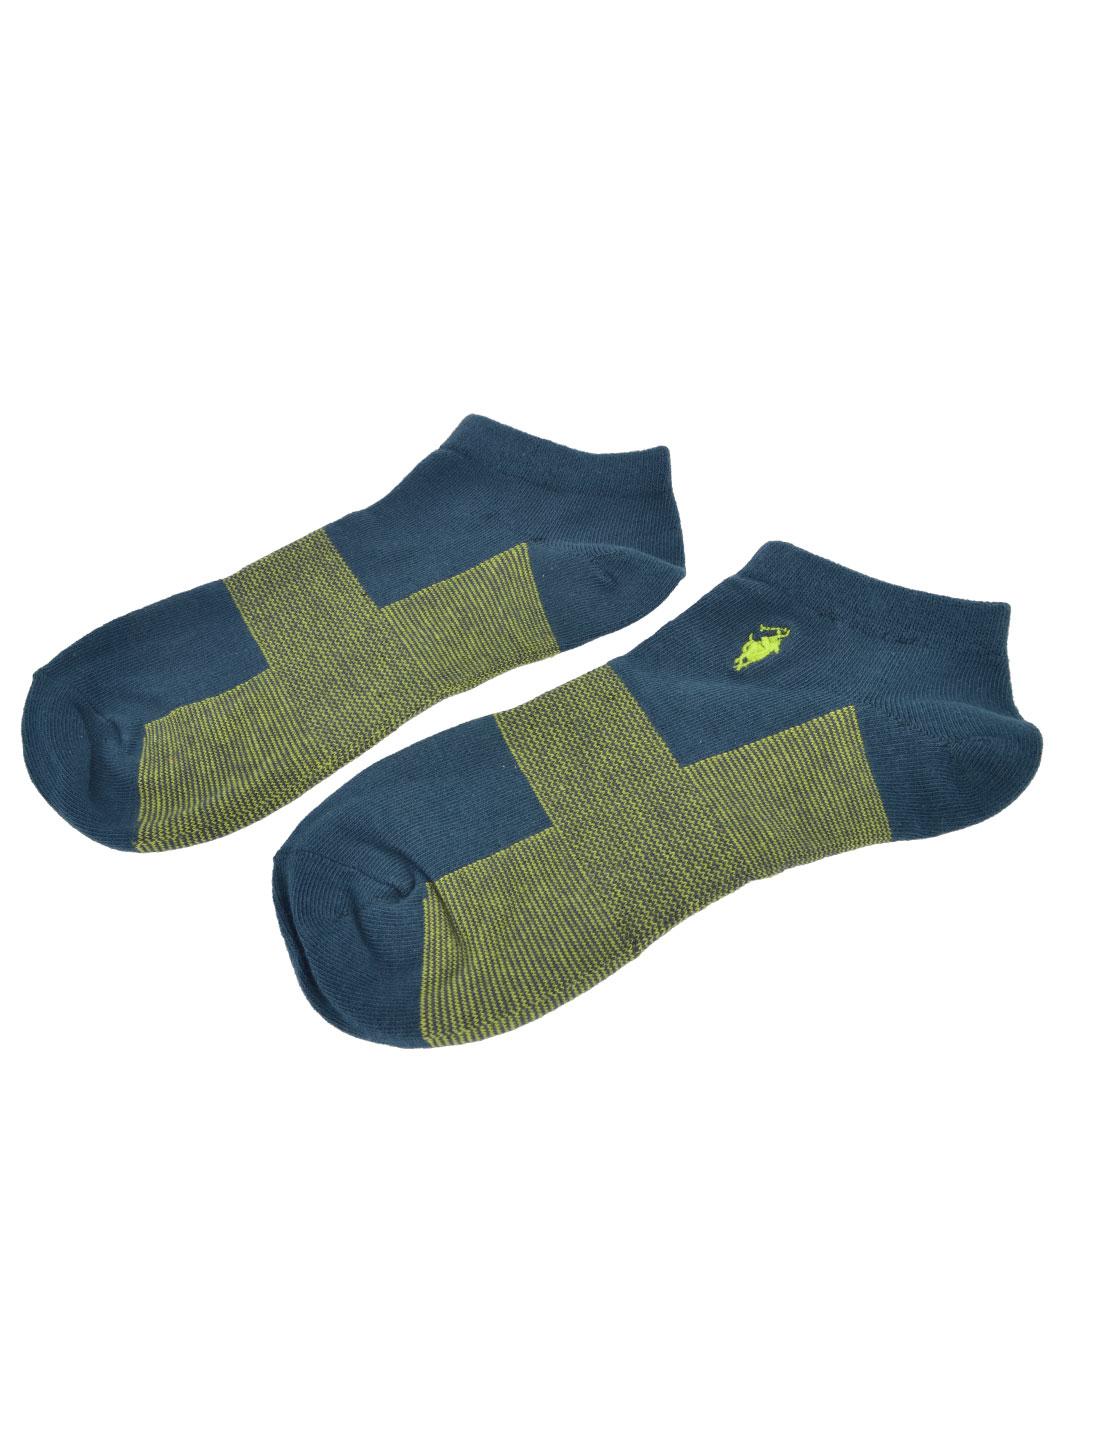 Men Steel Blue Yellow Textured Low Ankle Summer Casual Hosiery Socks Pair